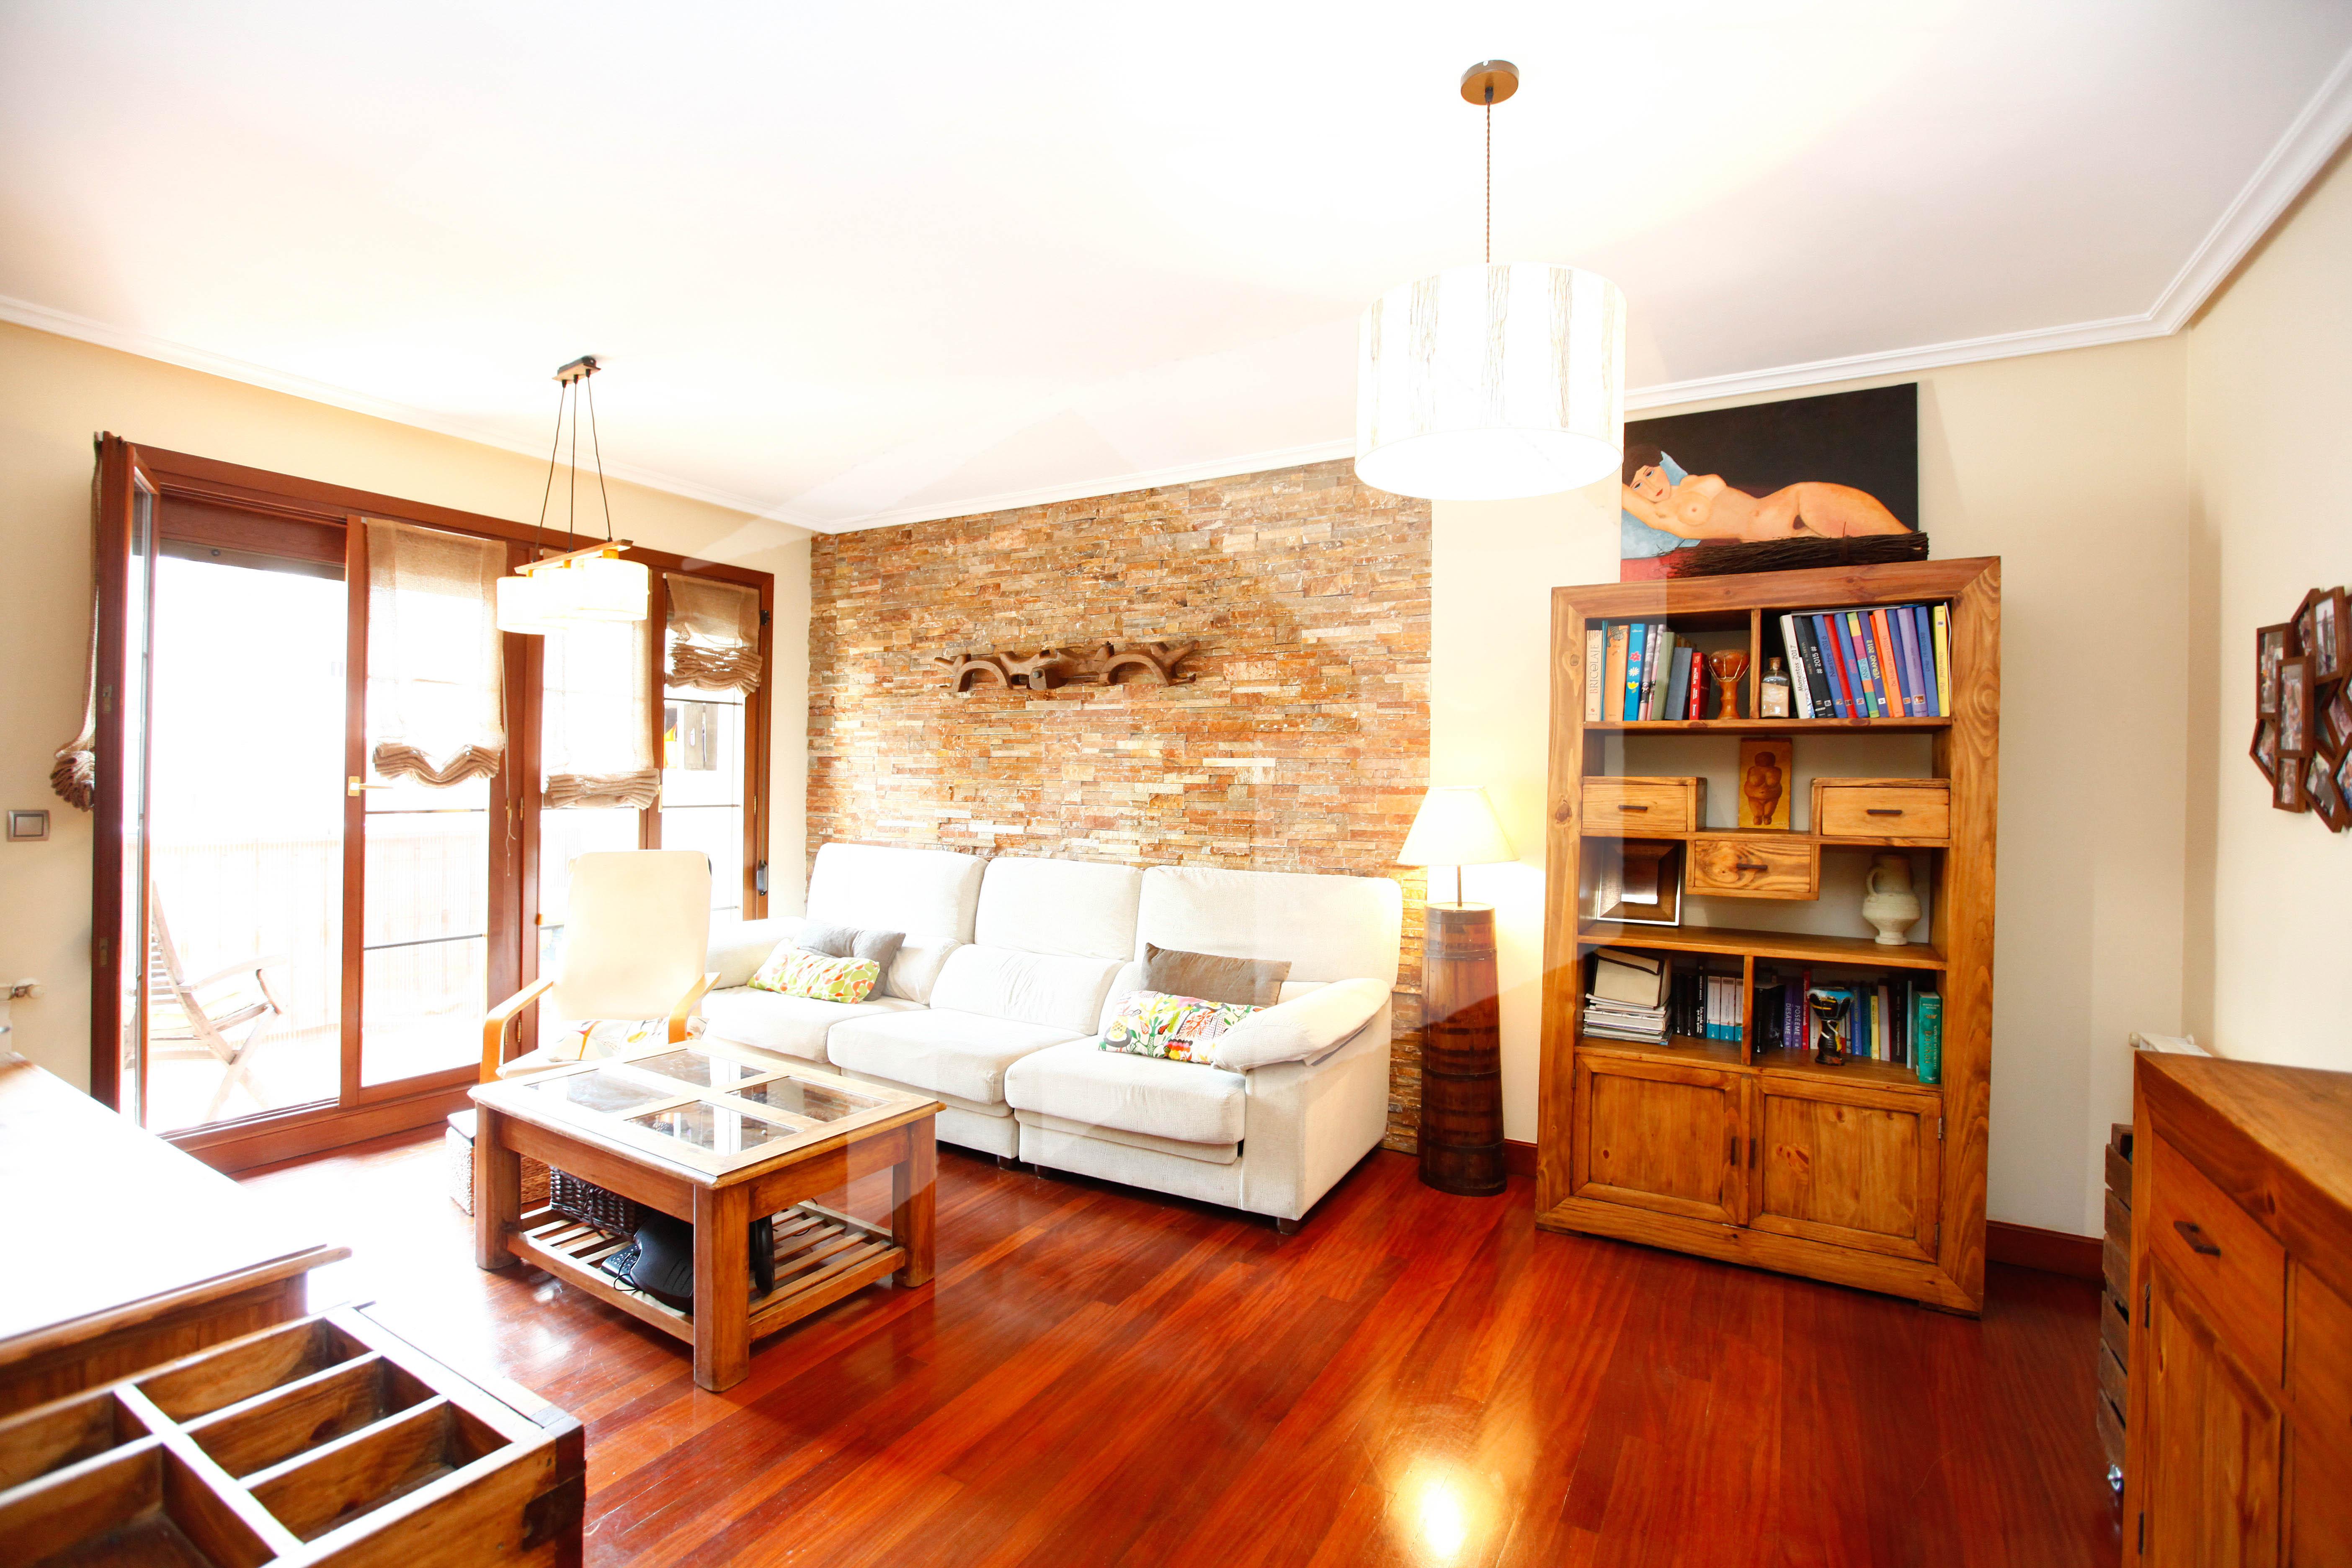 Fantastica vivienda de 85m<sup>2</sup> con dos dormitorios y dos baños totalmente exterior